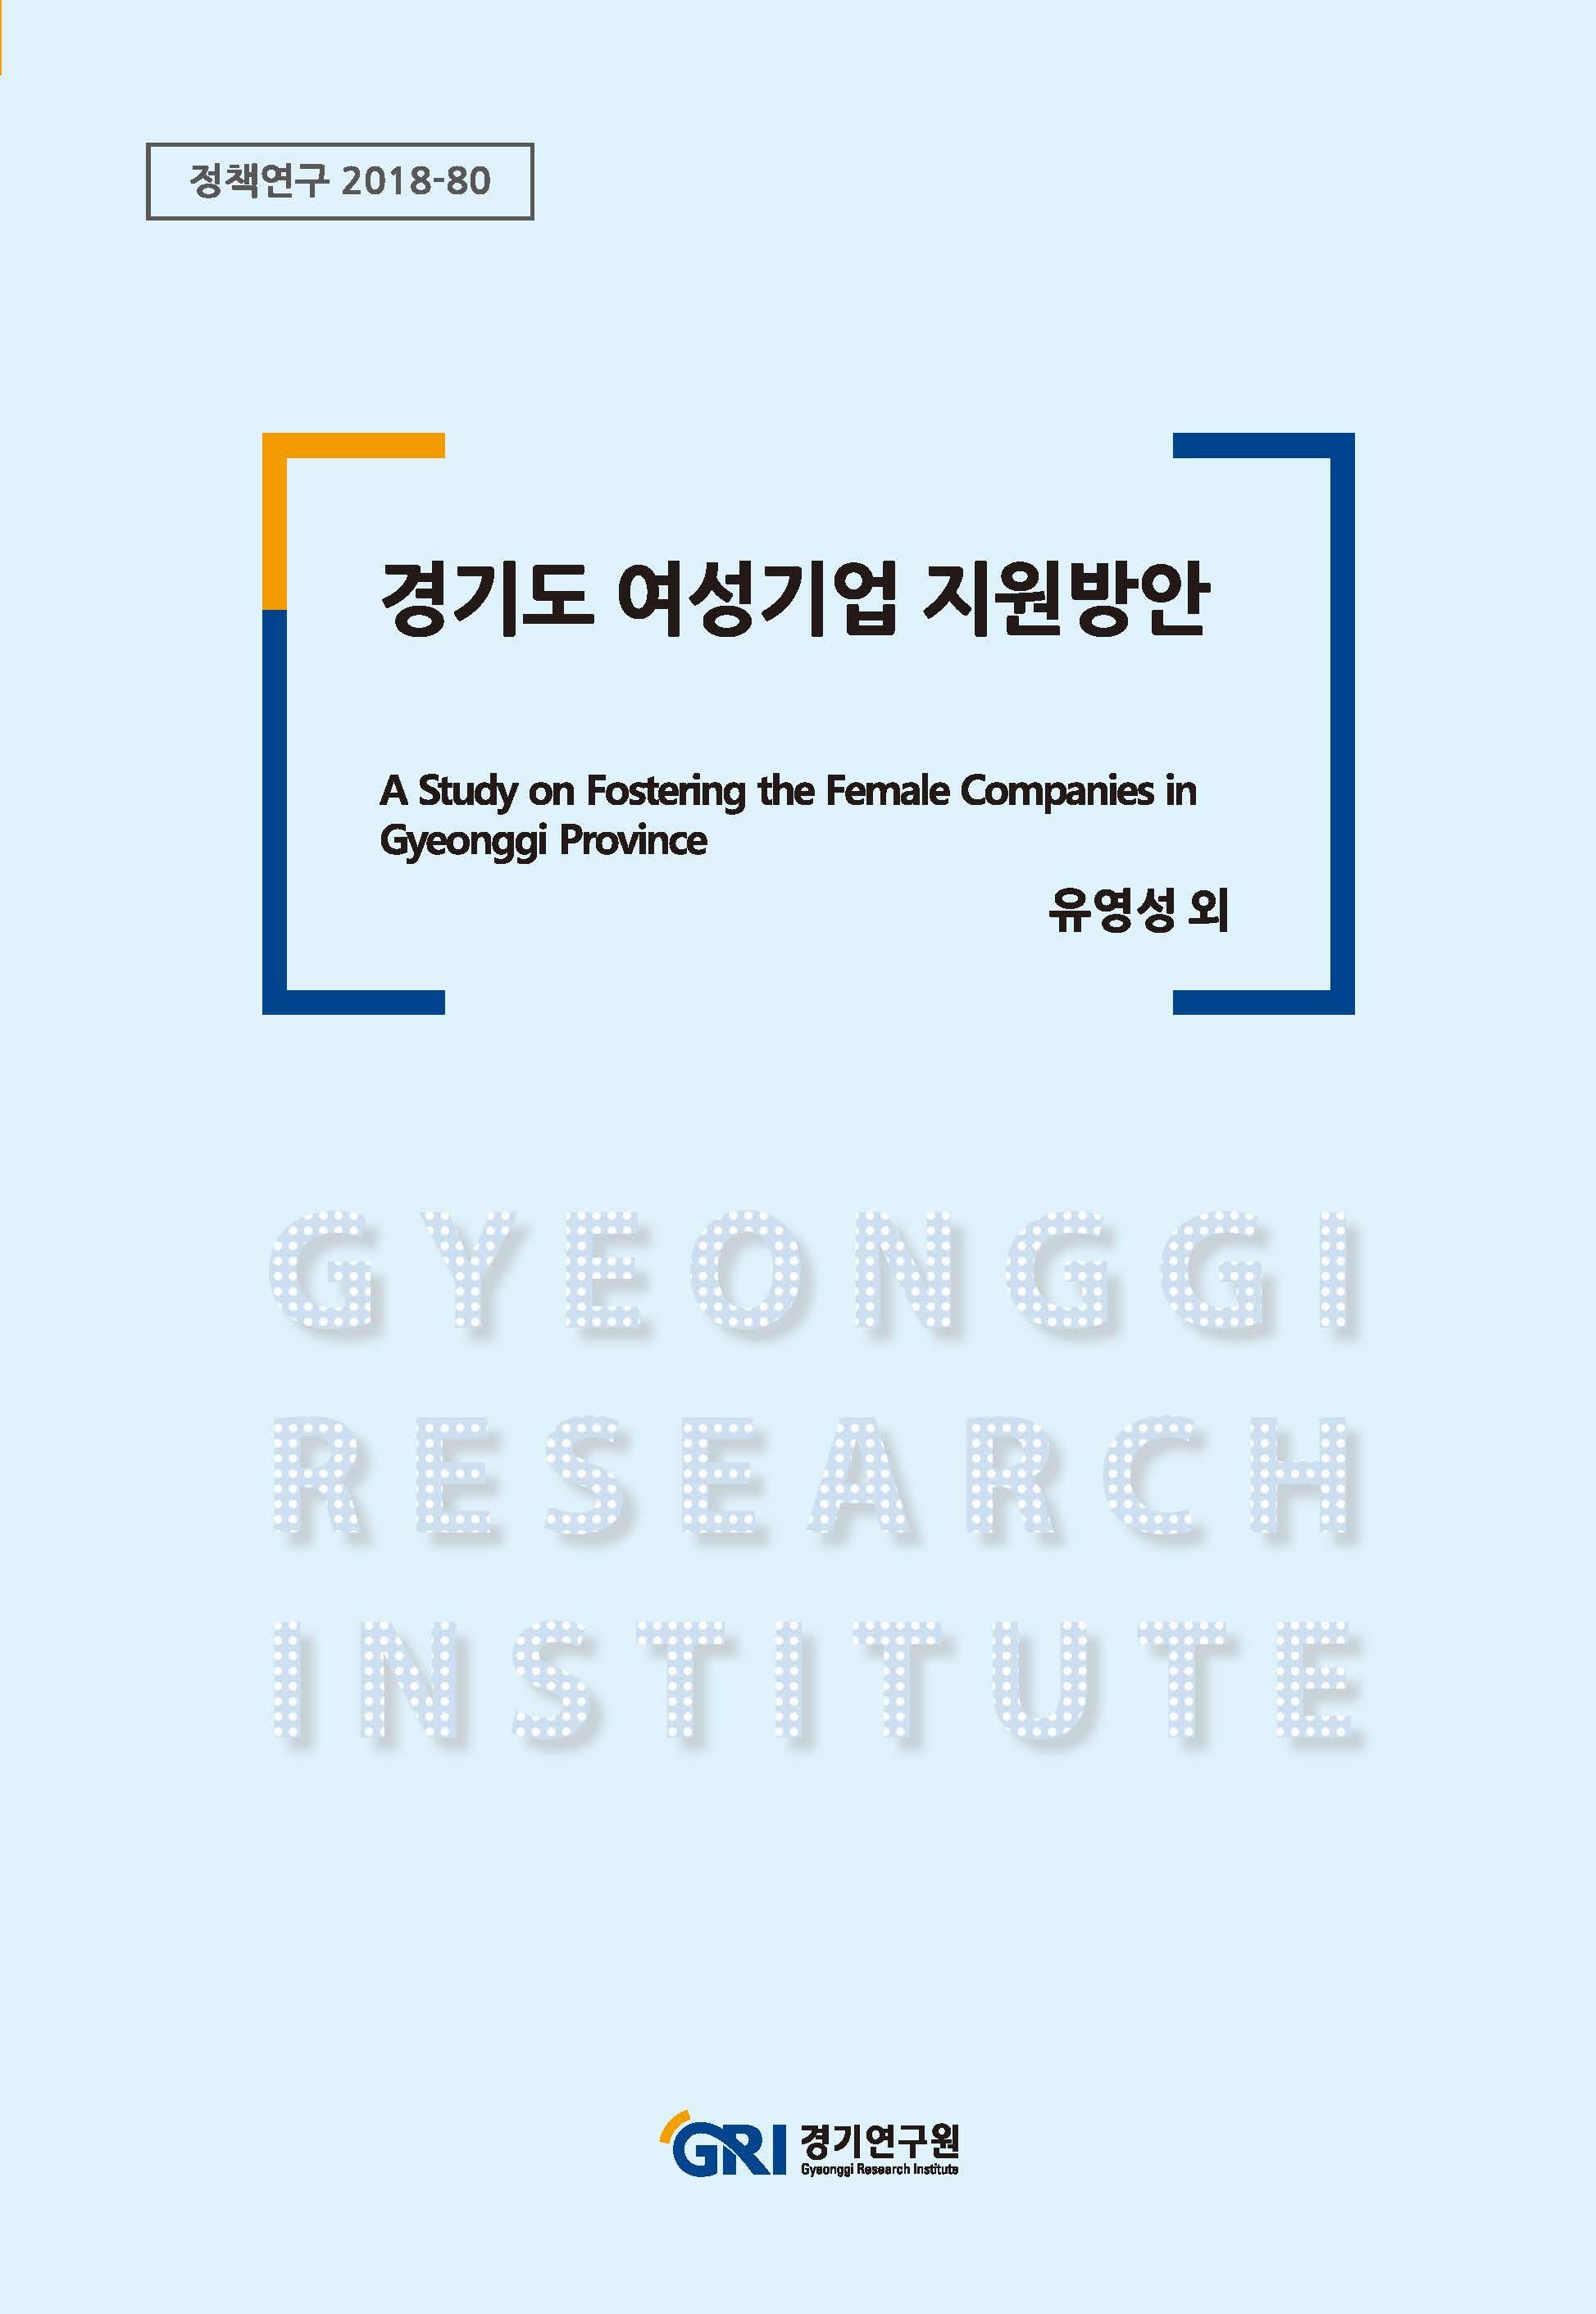 경기도 여성기업 지원방안